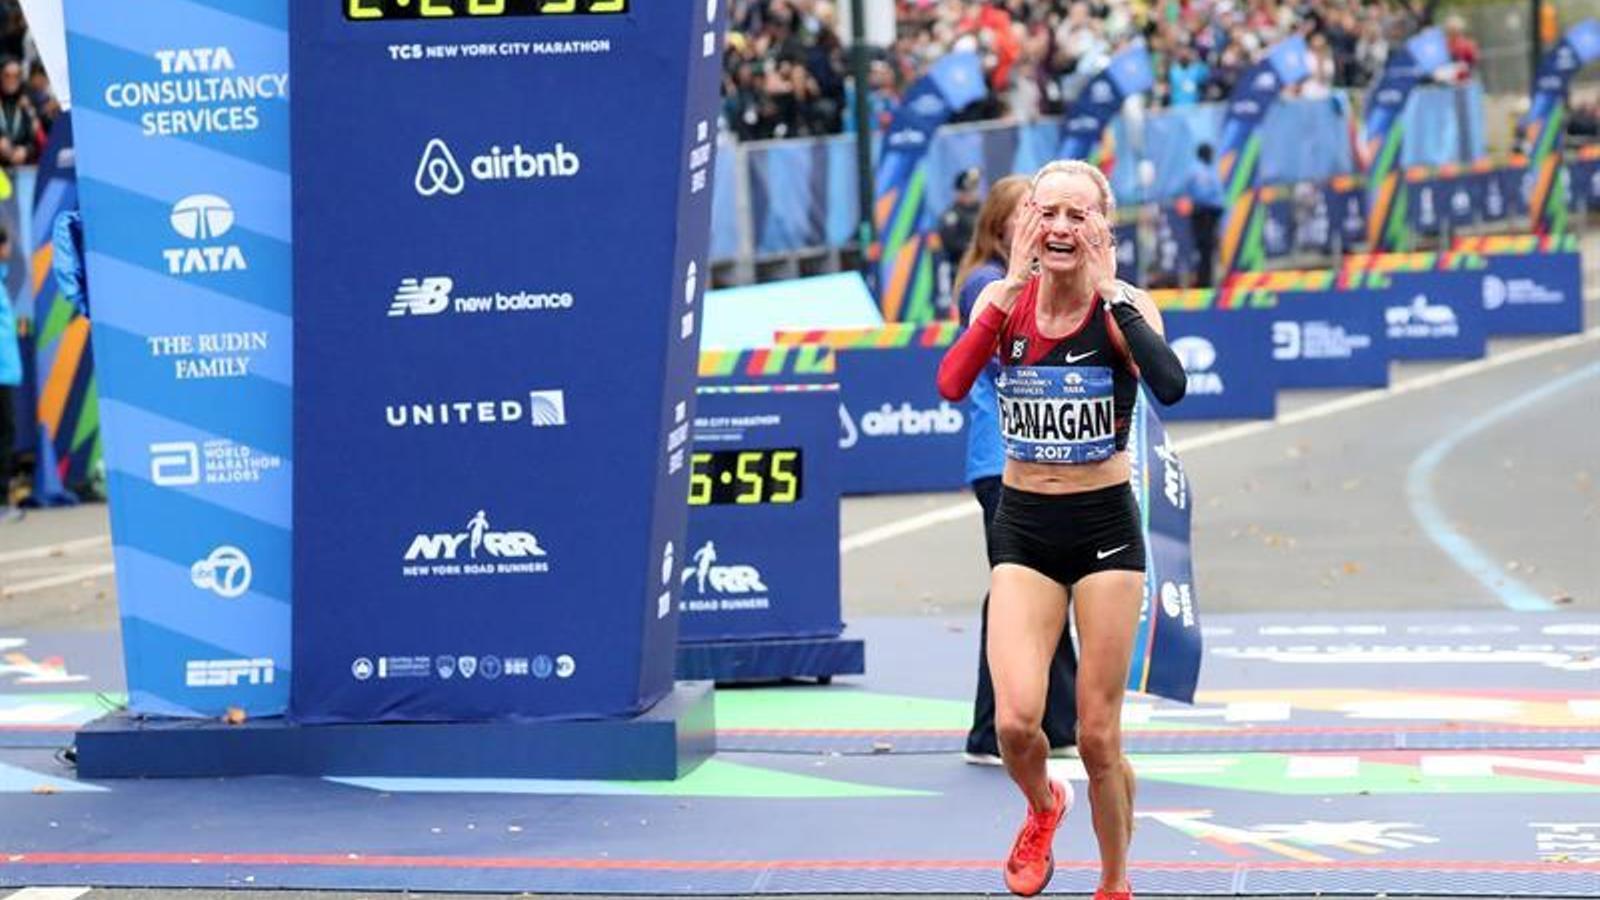 Shalane Flanagan, guanyadora de la Marató de Nova York